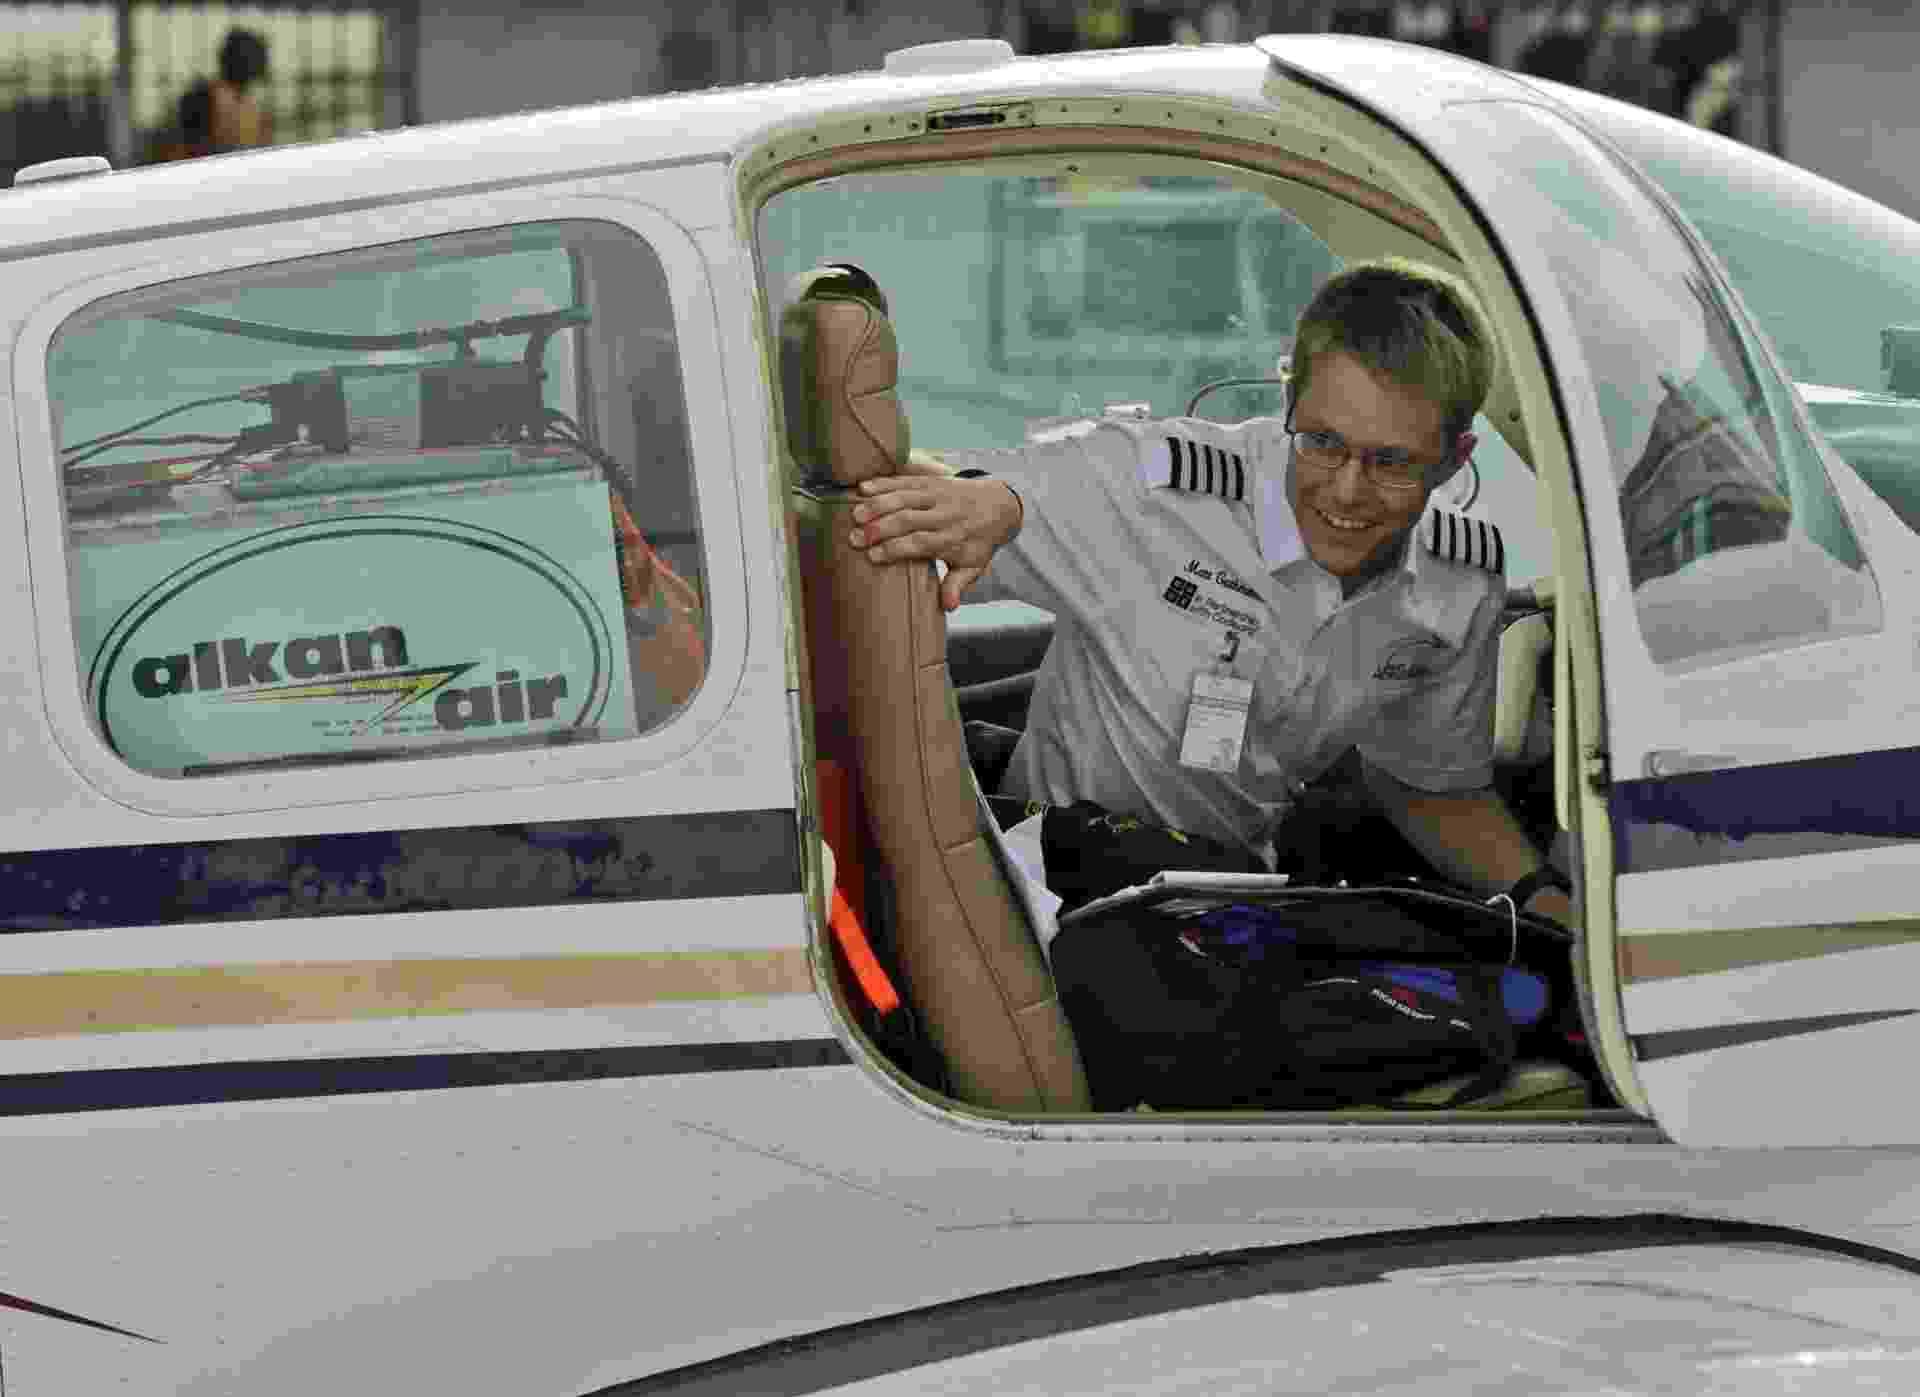 1º.jul.2014 - Matthew utiliza um monomotor Beechcraft Bonanza A36 em sua viagem ao redor do mundo - Francis R Malasig/EFE